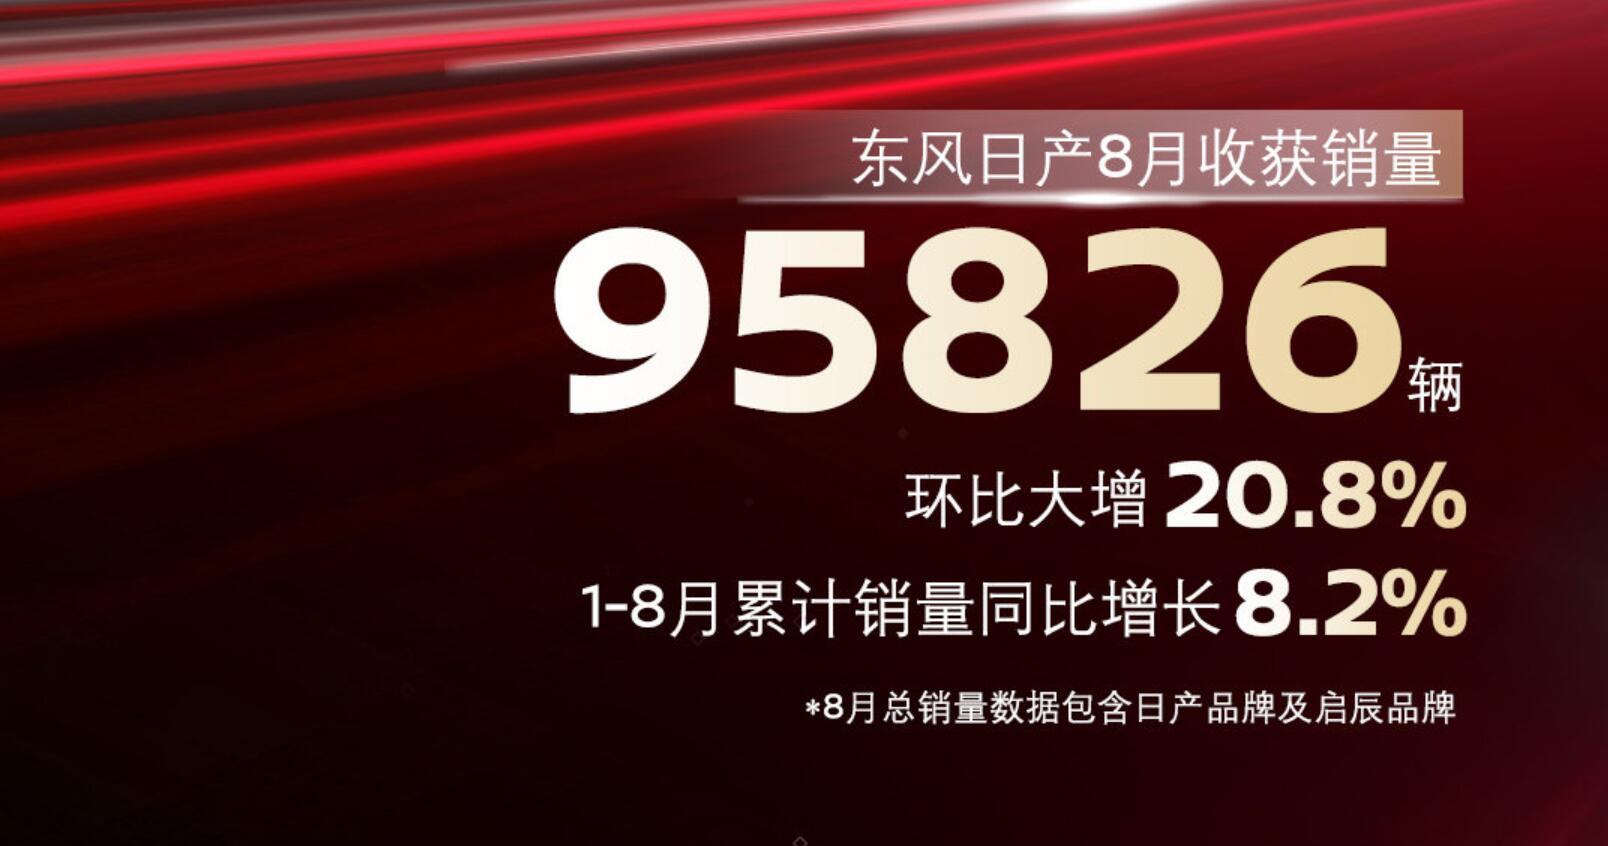 新奇骏表现并不算差,东风日产公布8月销量95826辆,同比下降9.1%